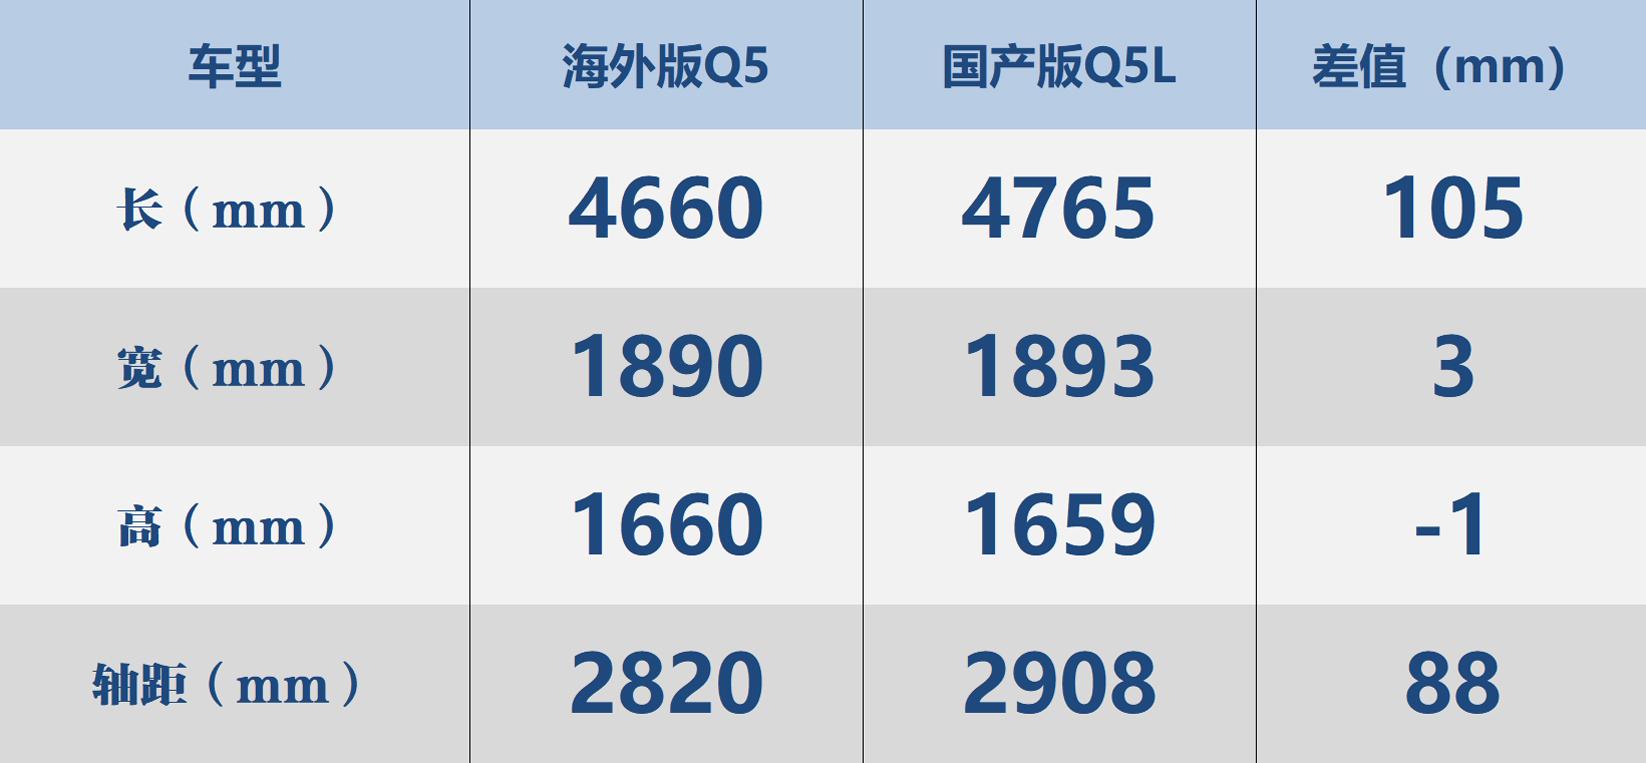 奥迪Q5L六大亮点解读:不止是加长88mm这么简单